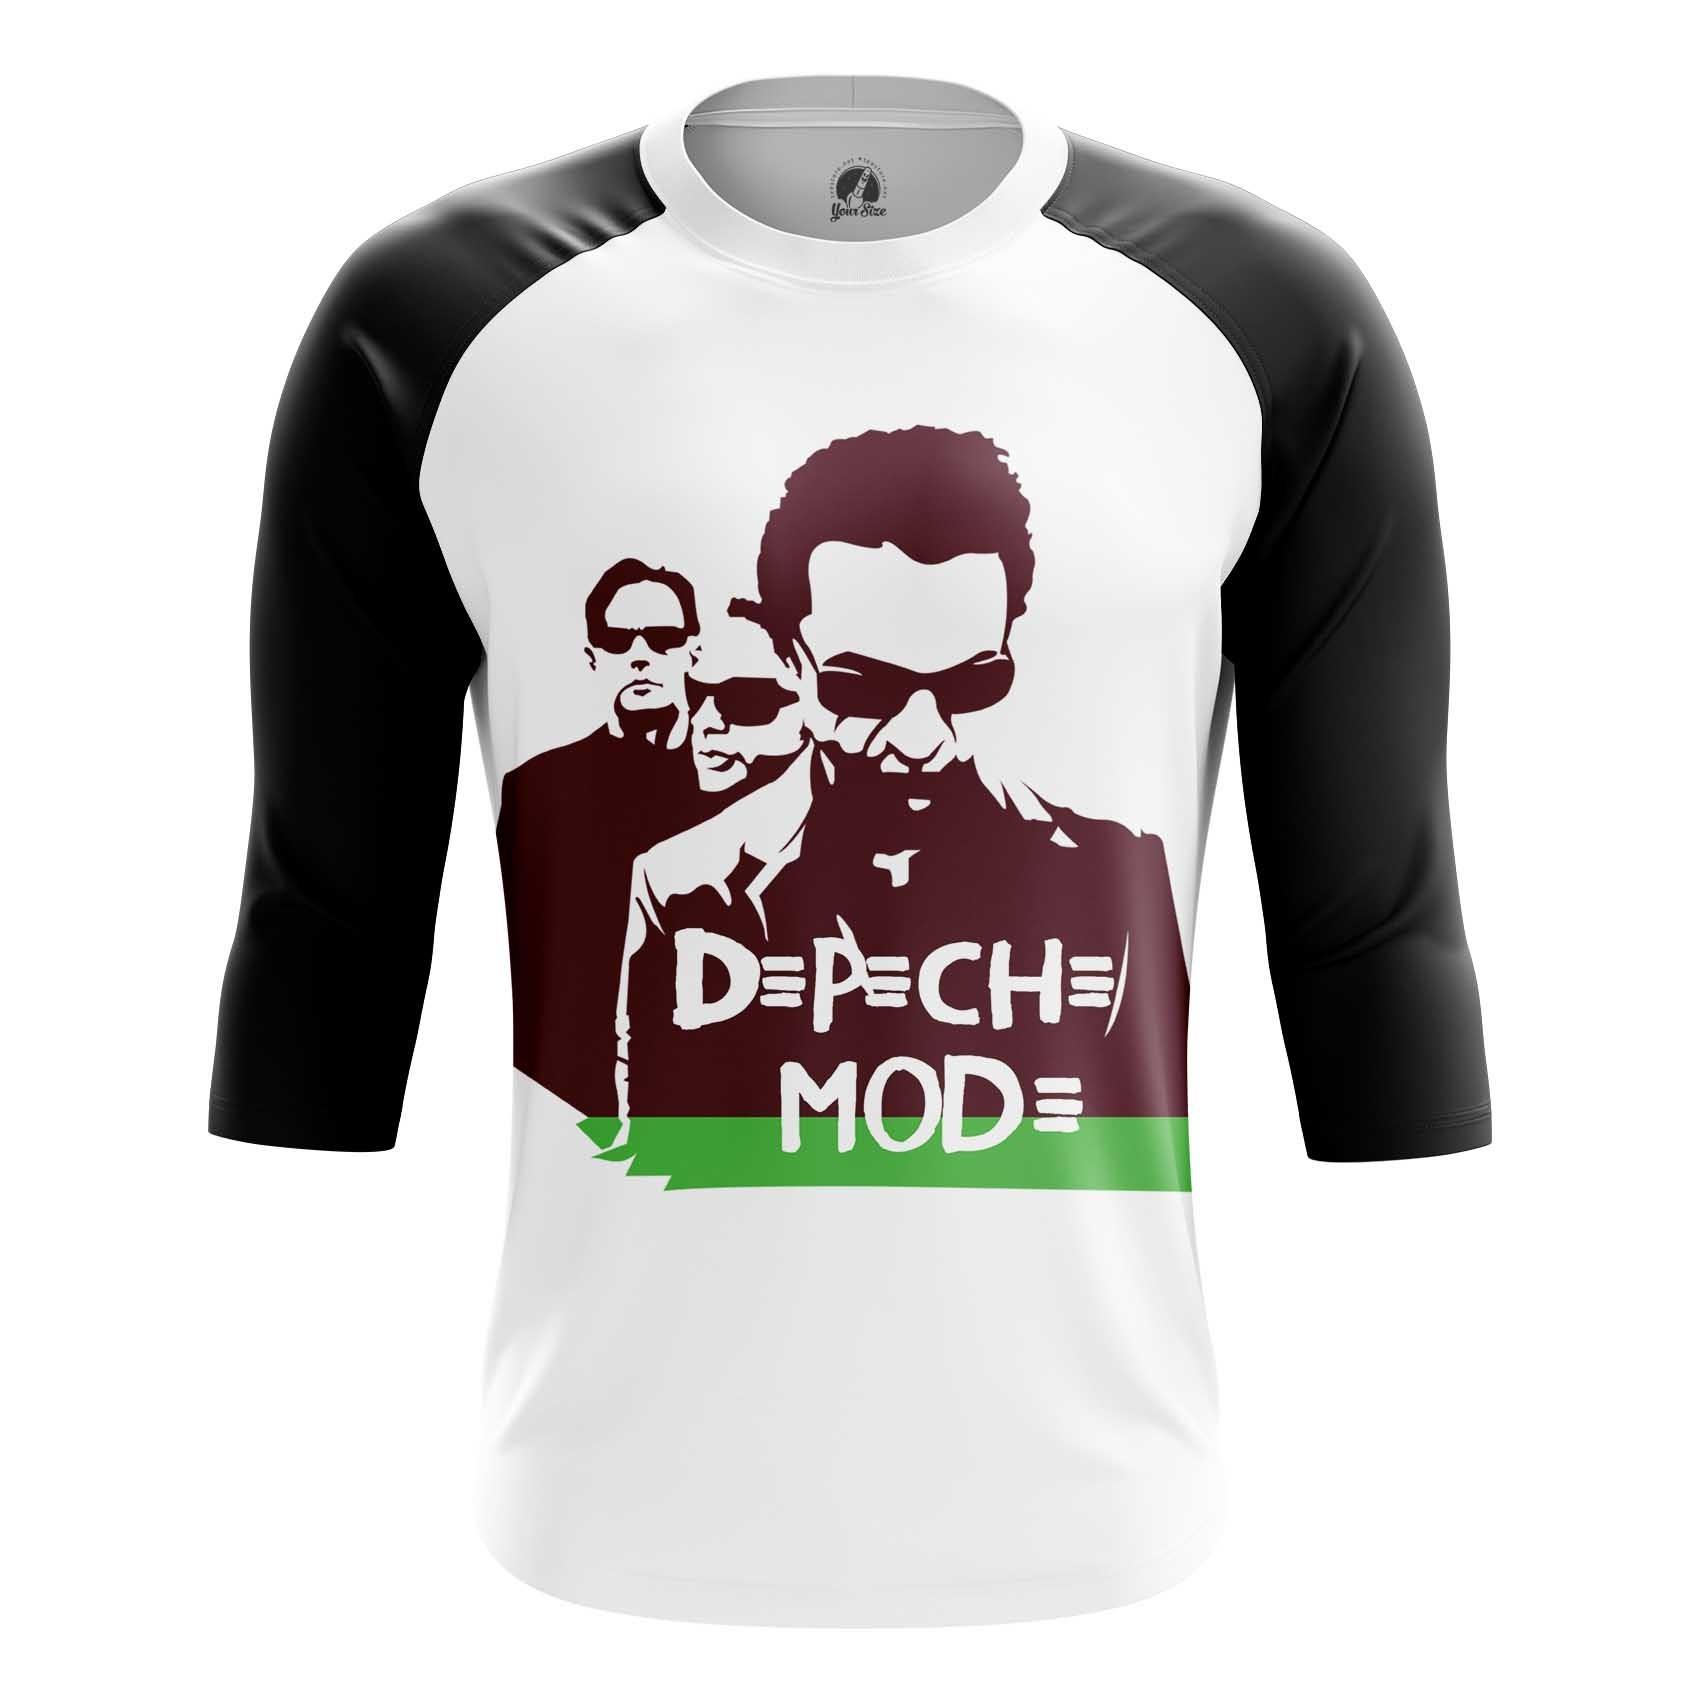 Collectibles Tank Depeche Modeandise Apparel Vest